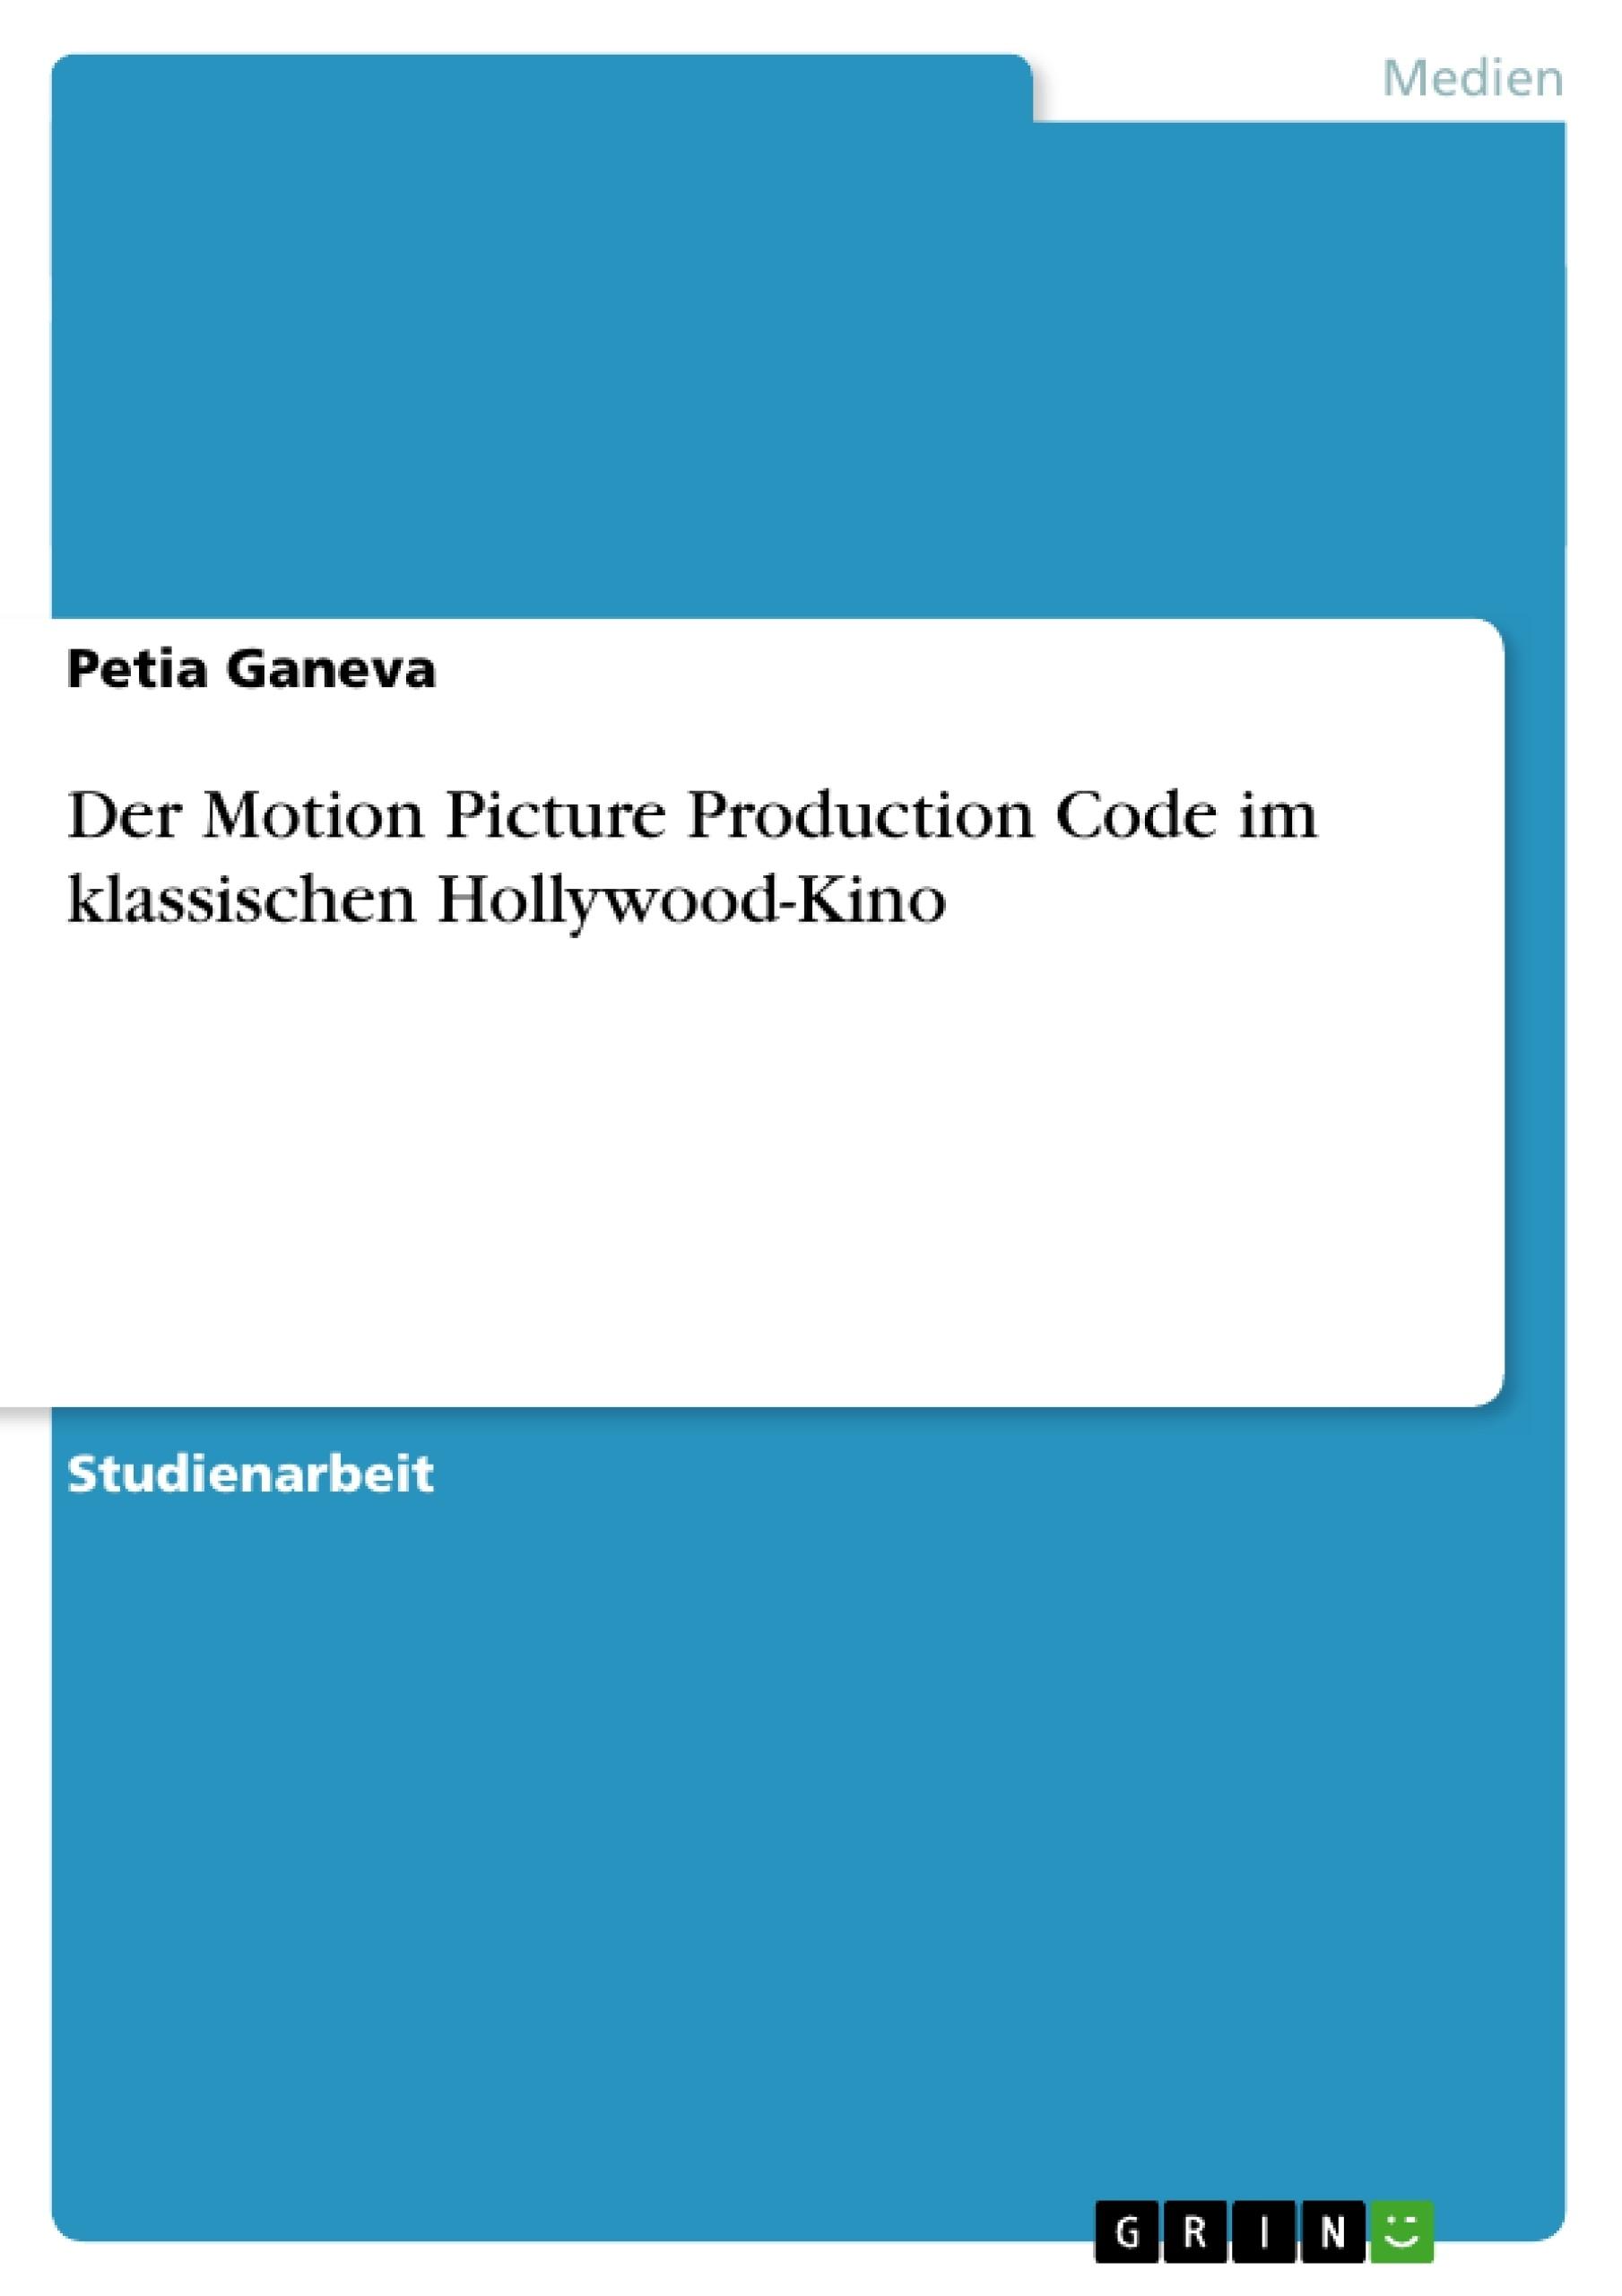 Titel: Der Motion Picture Production Code im klassischen Hollywood-Kino